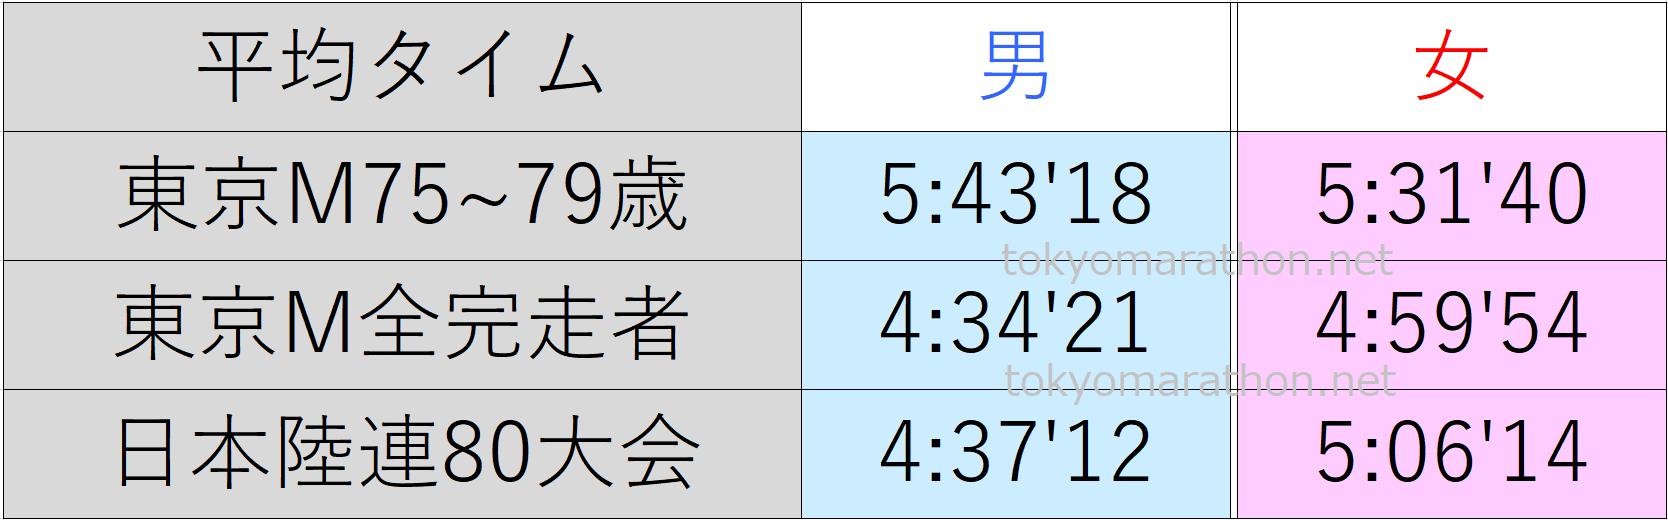 東京マラソン75~79歳の平均タイム、東京マラソン全ランナーの平均タイム、日本陸連公認の80大会の平均タイム一覧表。すべて男女別にまとめた画像です。